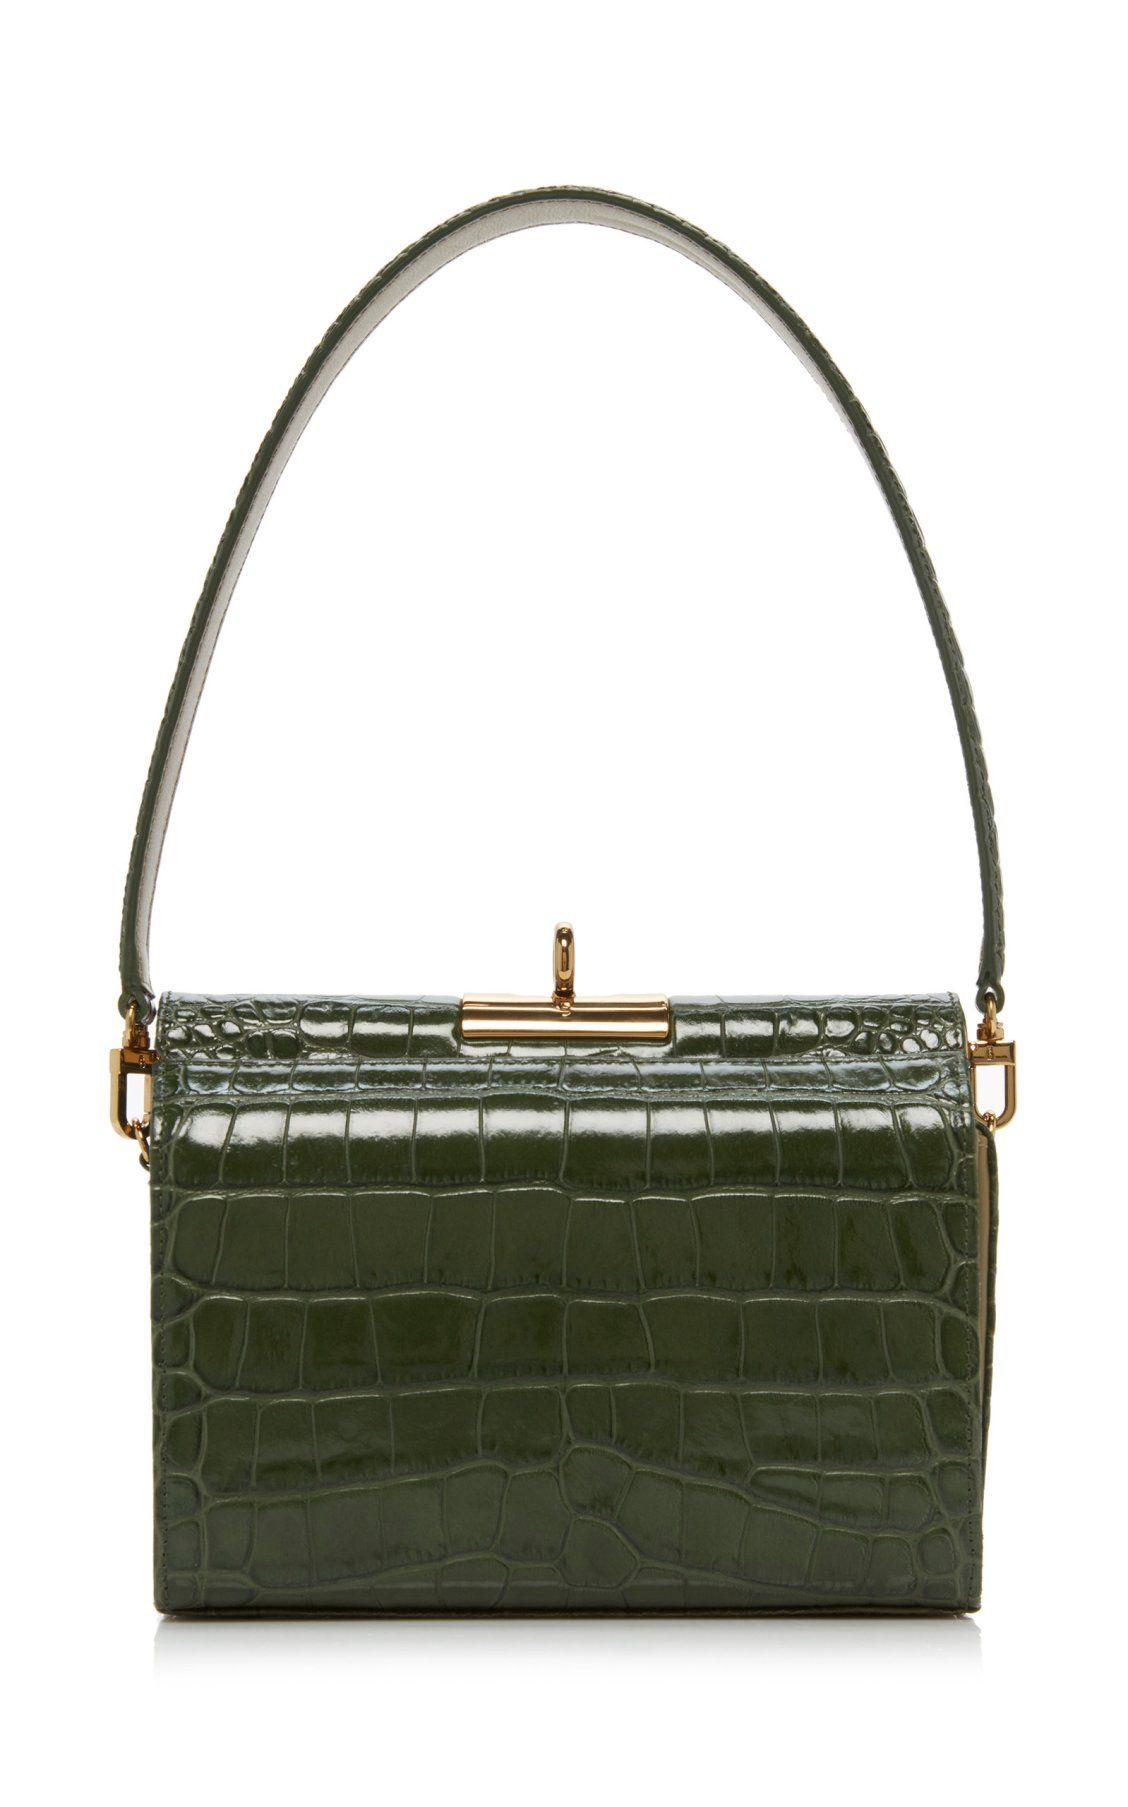 c09425467ec45 Gemma Croc-Effect Leather Bag by gu de